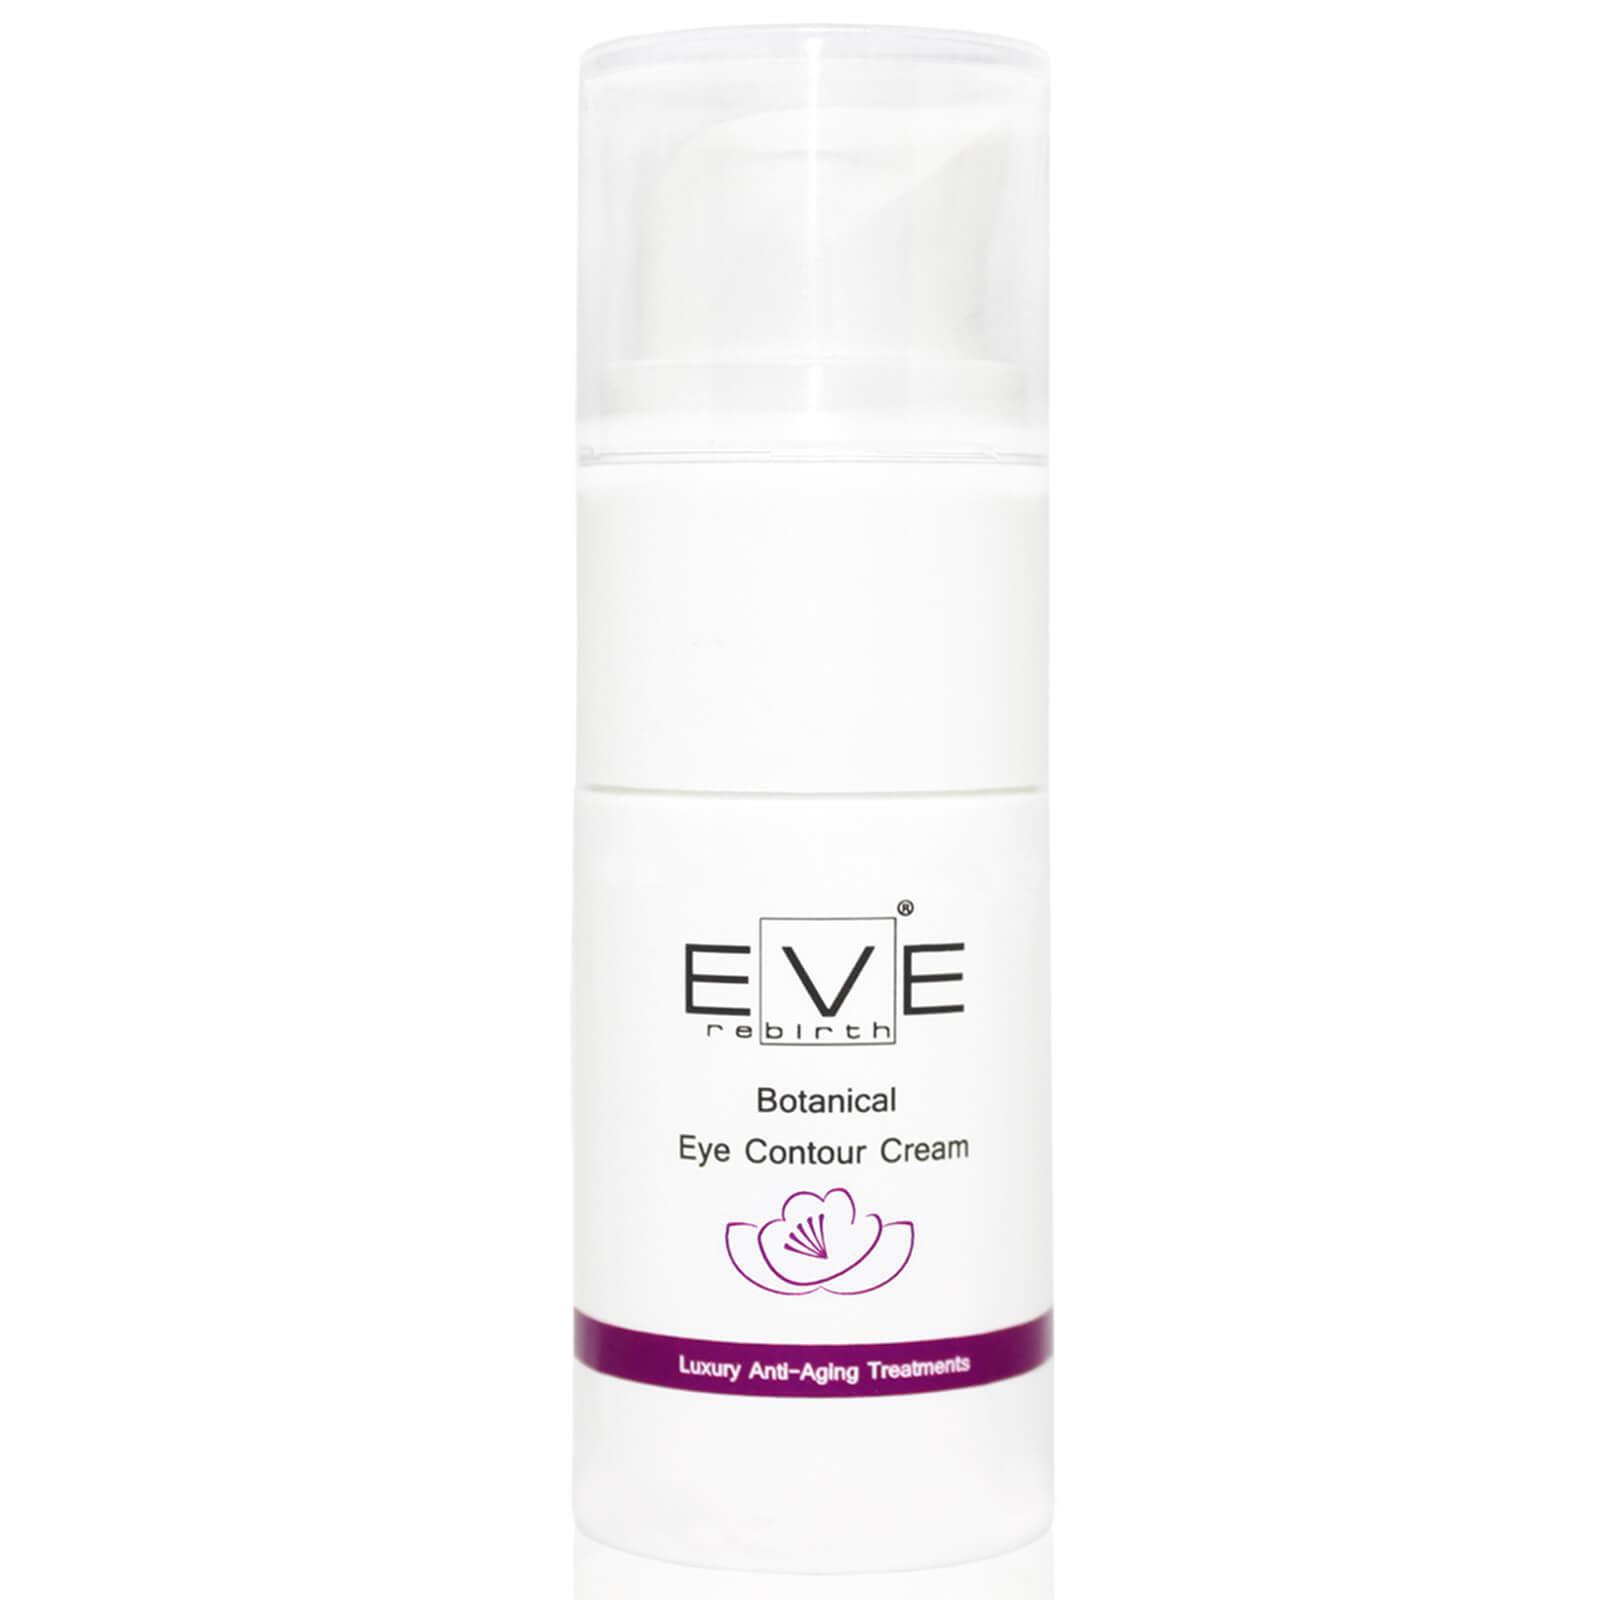 Купить Крем для контура глаз Eve Rebirth Botanical Eye Contour Cream